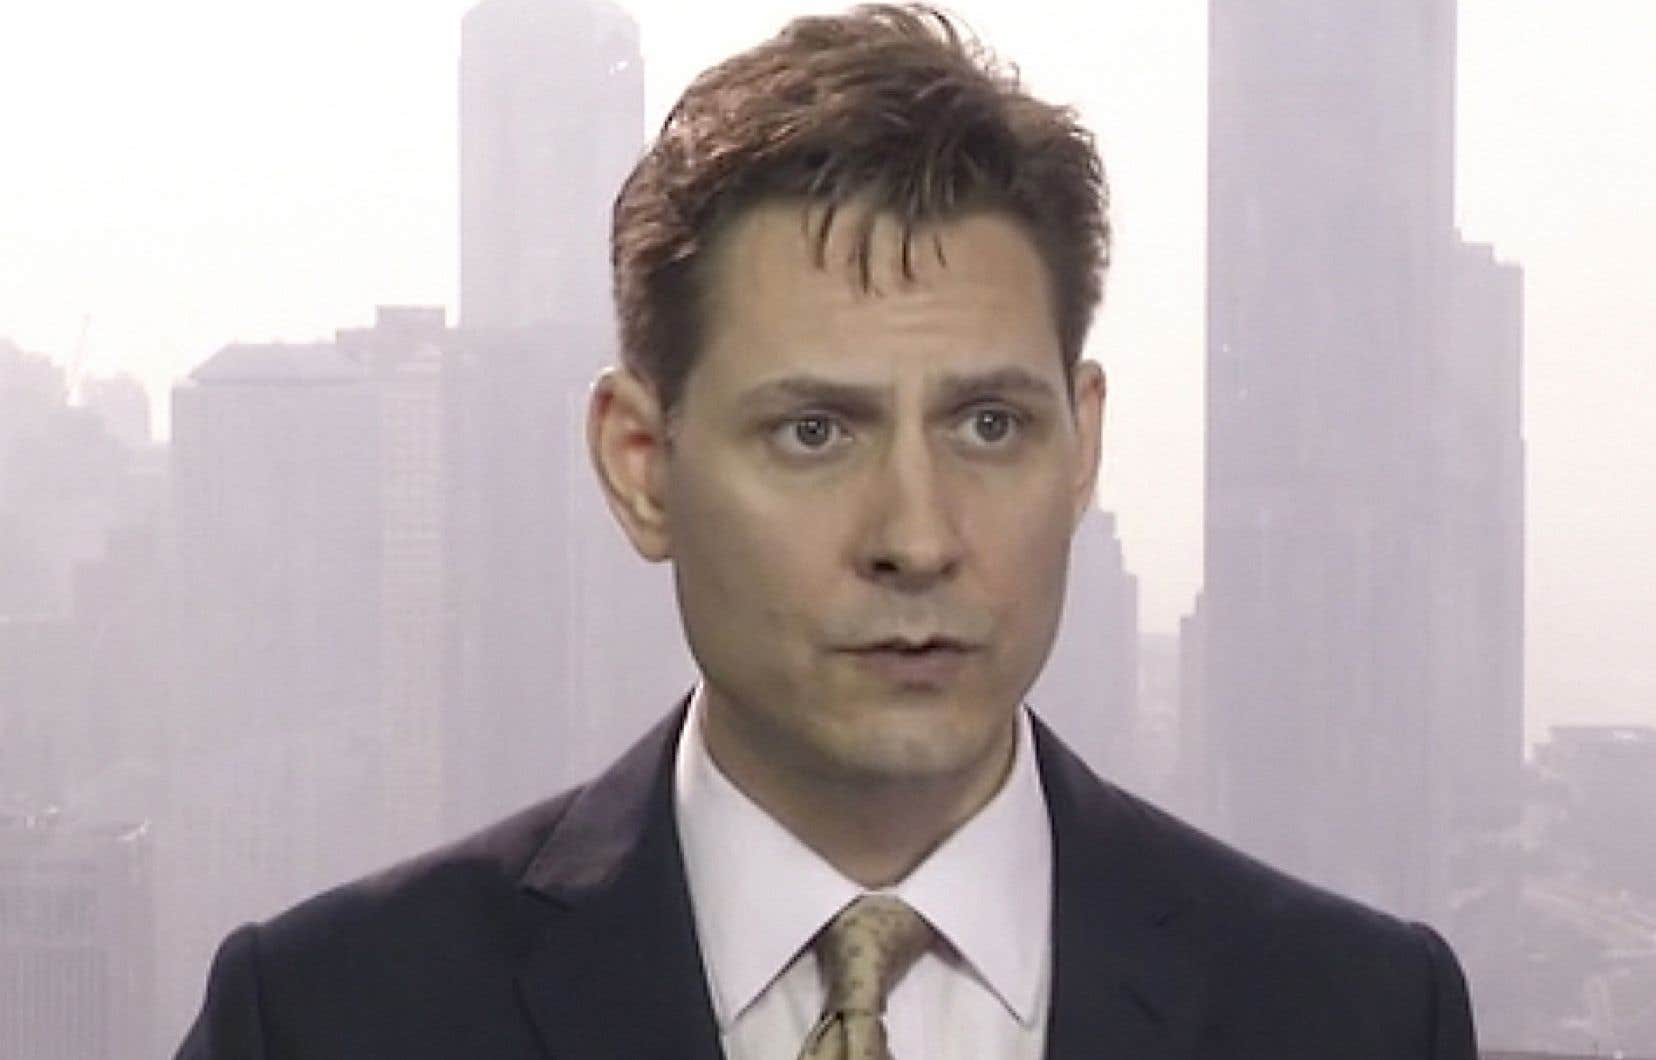 Michael Kovrig a été vice-consul au consulat canadien de Pékin, de 2014 à 2016.